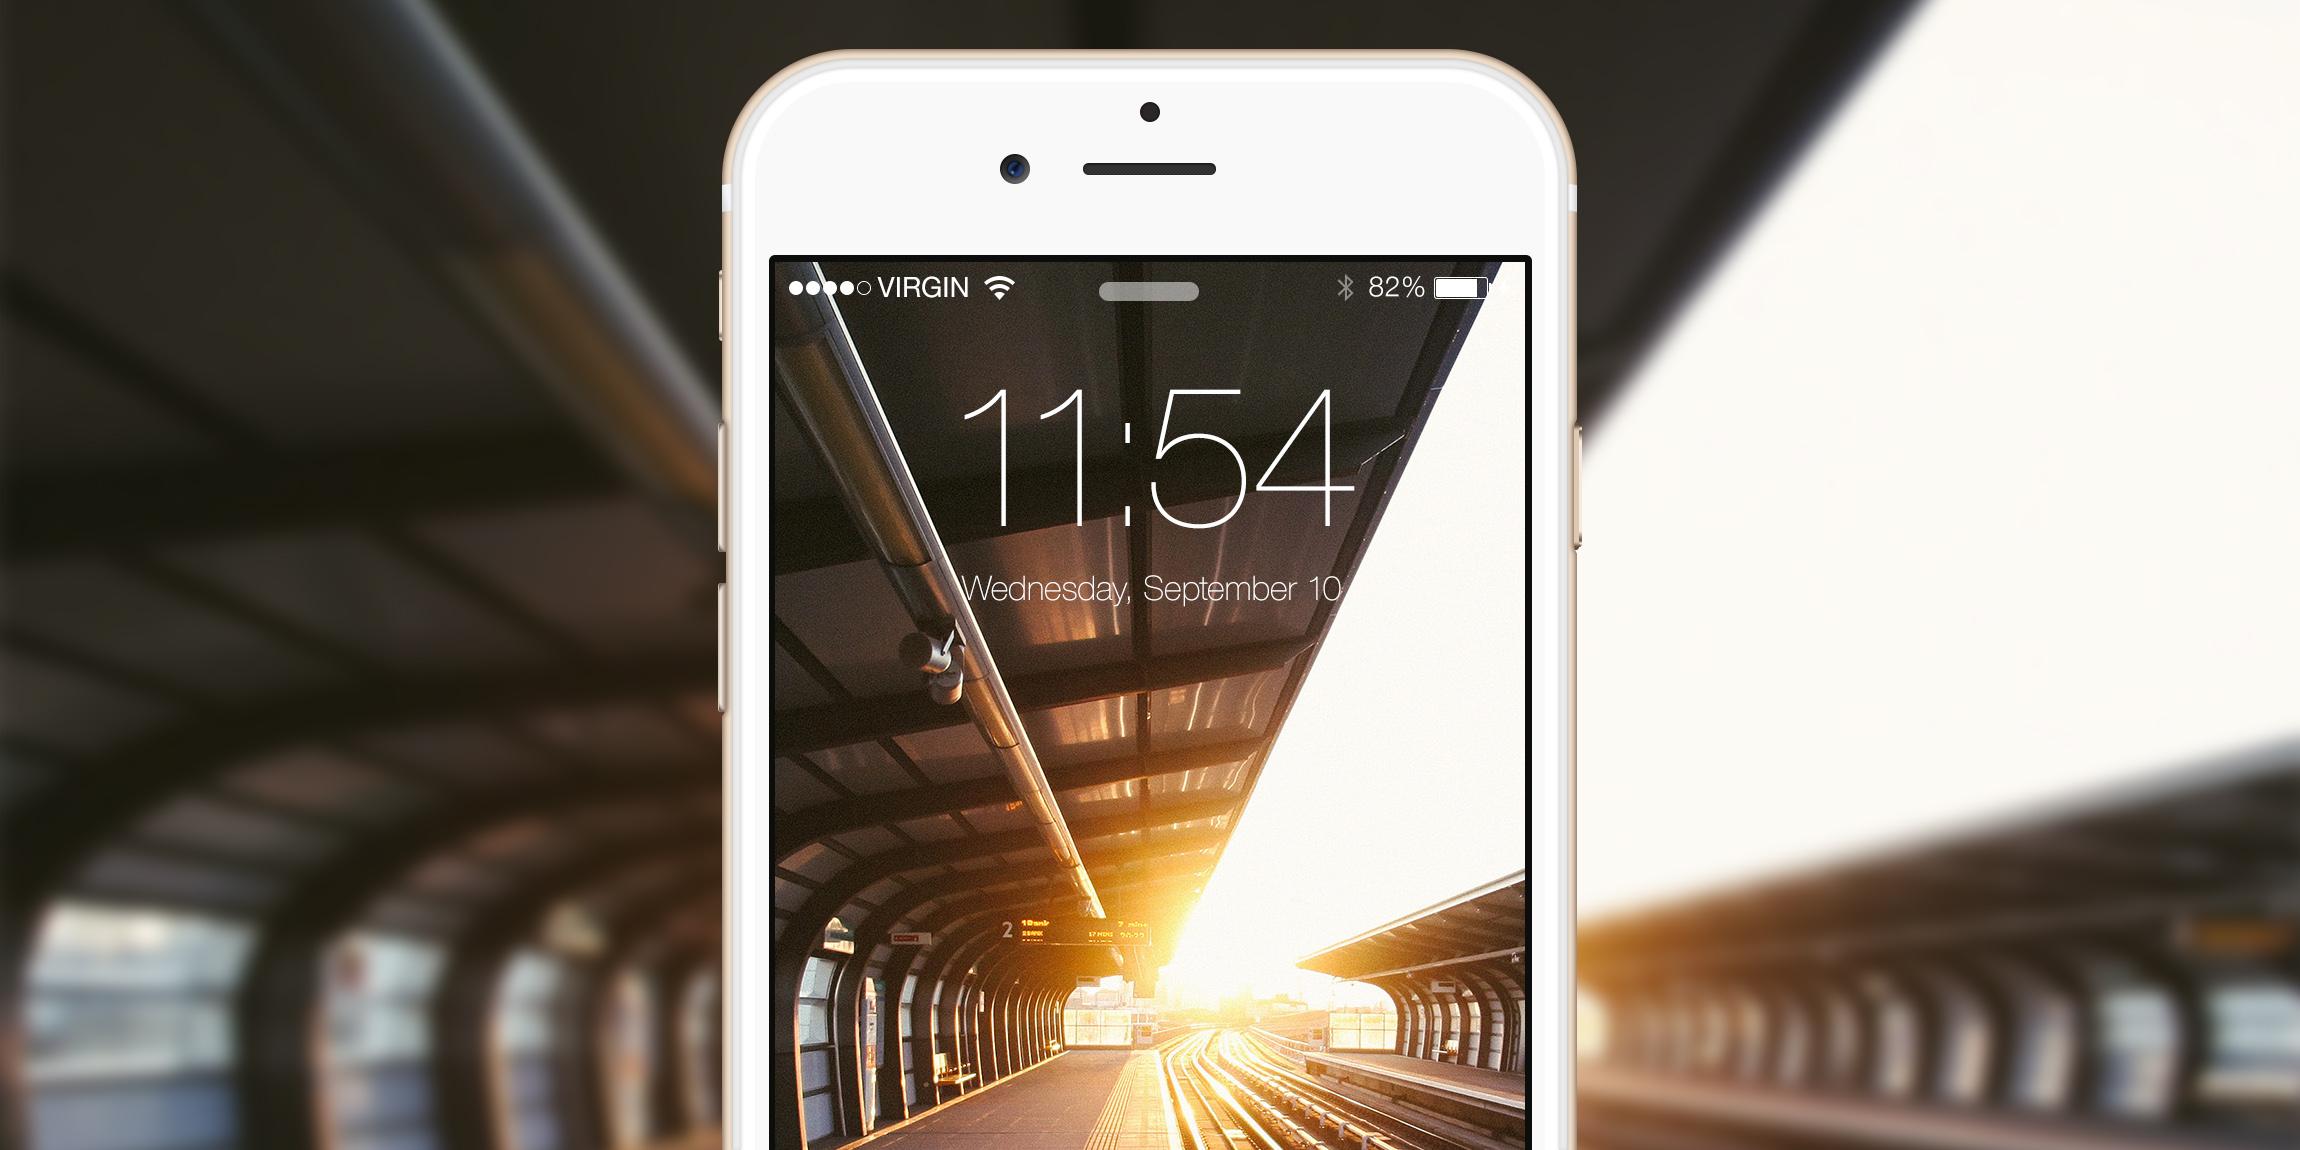 Обои для iPhone и iPad: Городские мотивы